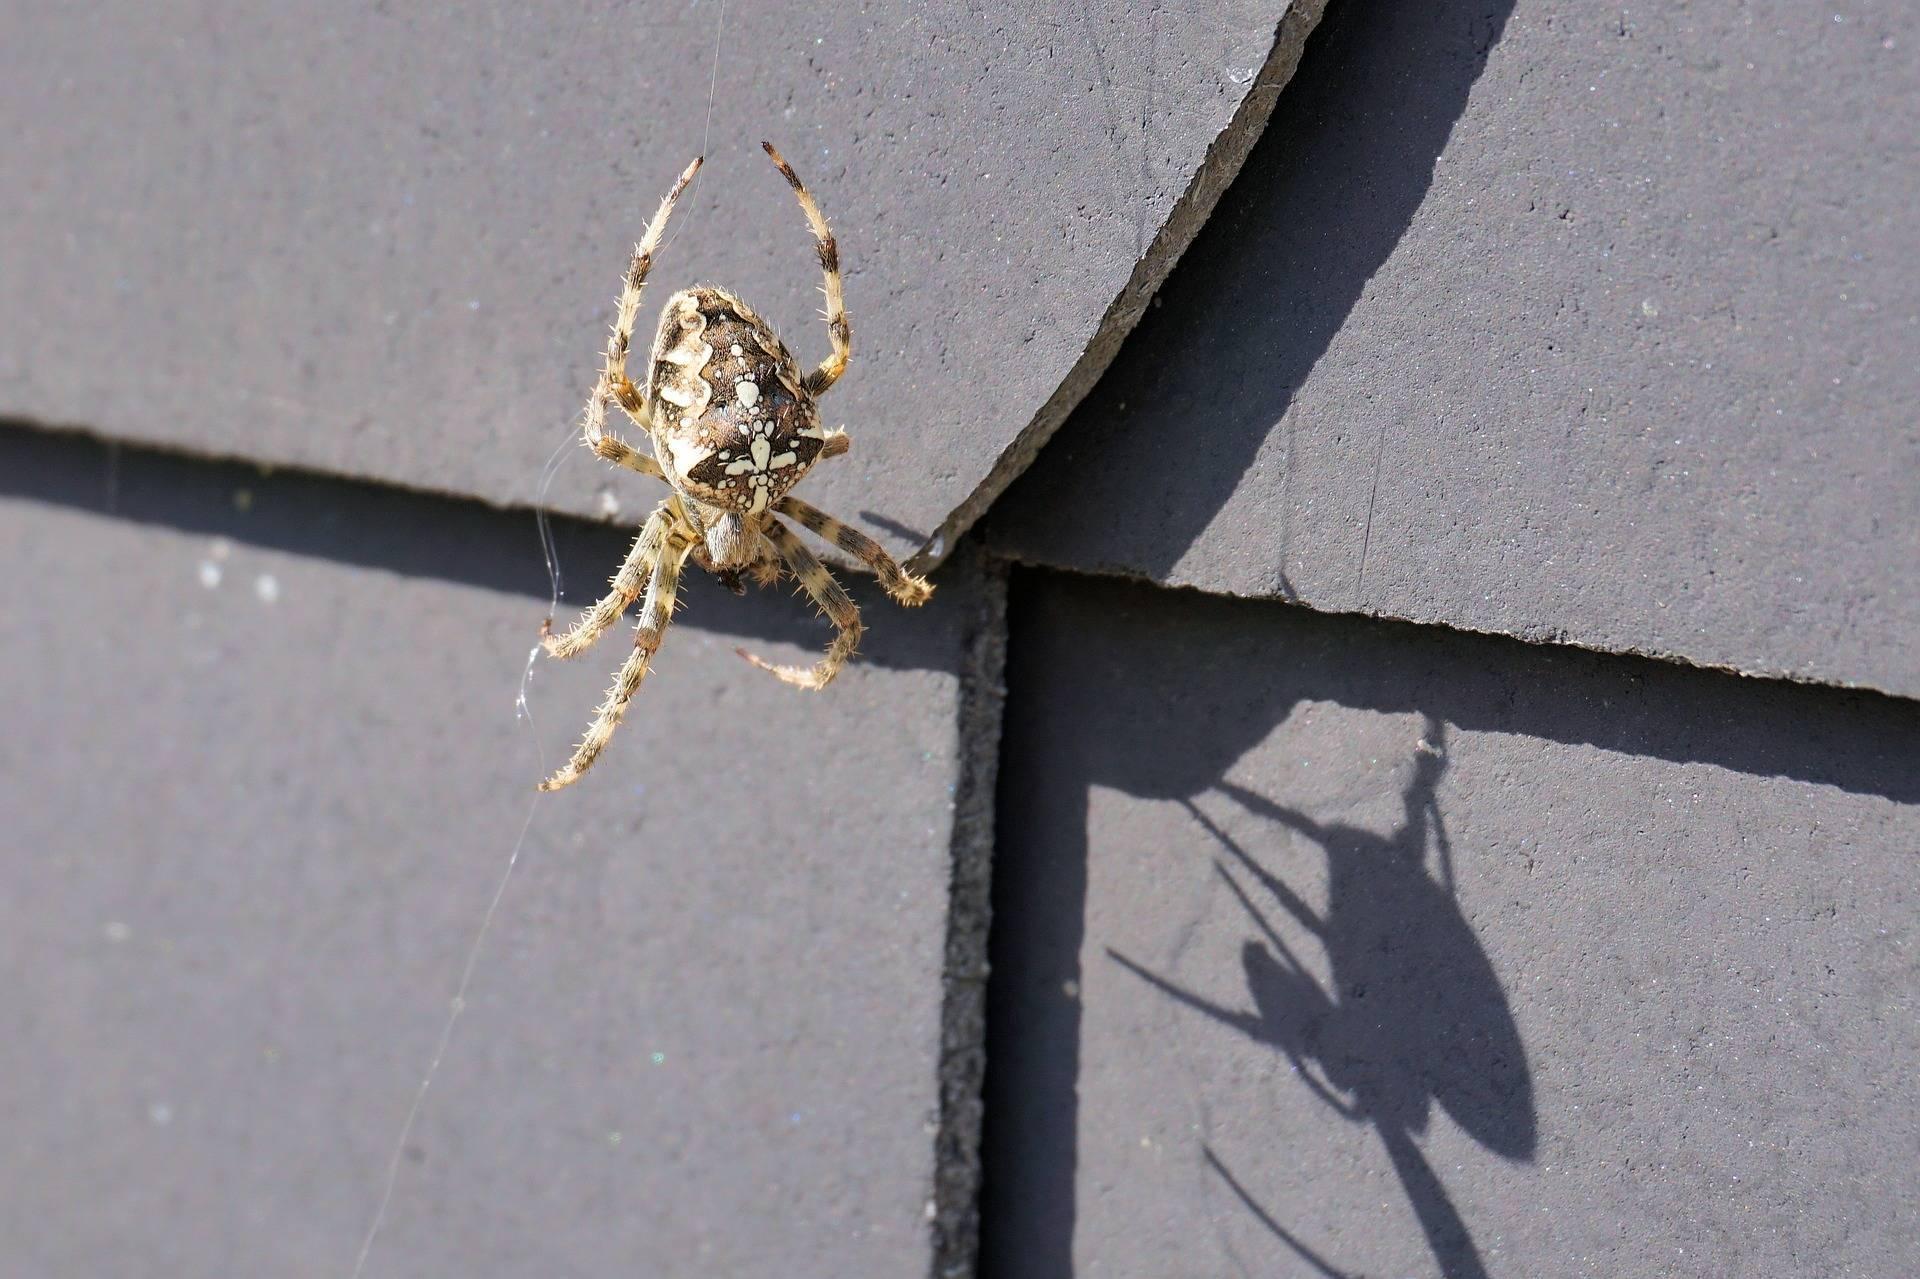 Как избавиться от пауков: в доме, на даче, на участке, обзор вариантов действий, химических препаратов, отпугивателей и народных средств, а также перечень методов, которые не работают